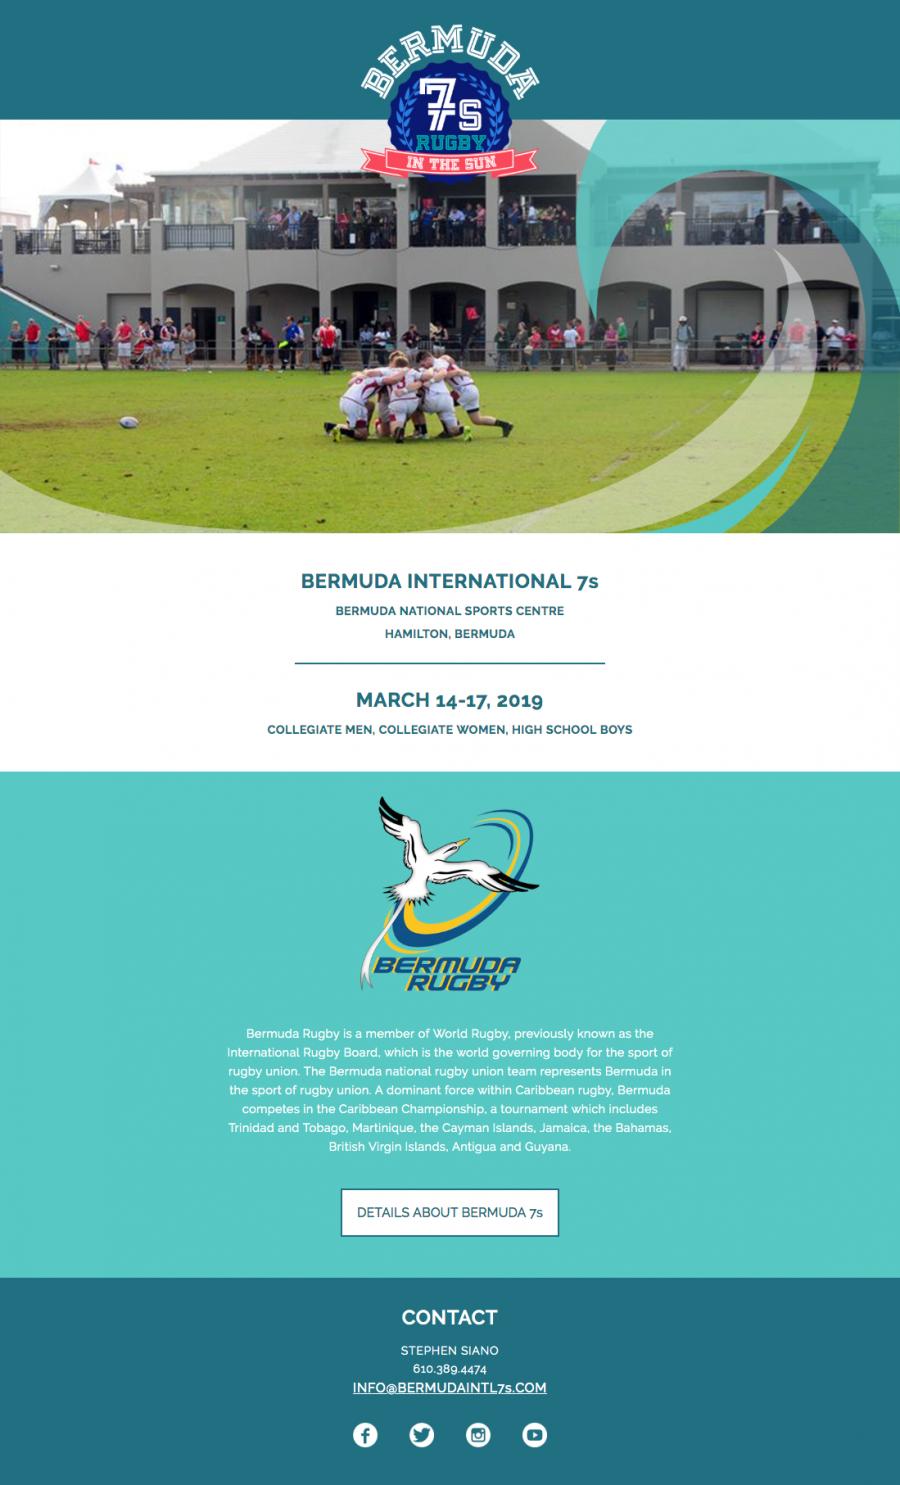 Bermuda International 7s Rugby Website Homepage